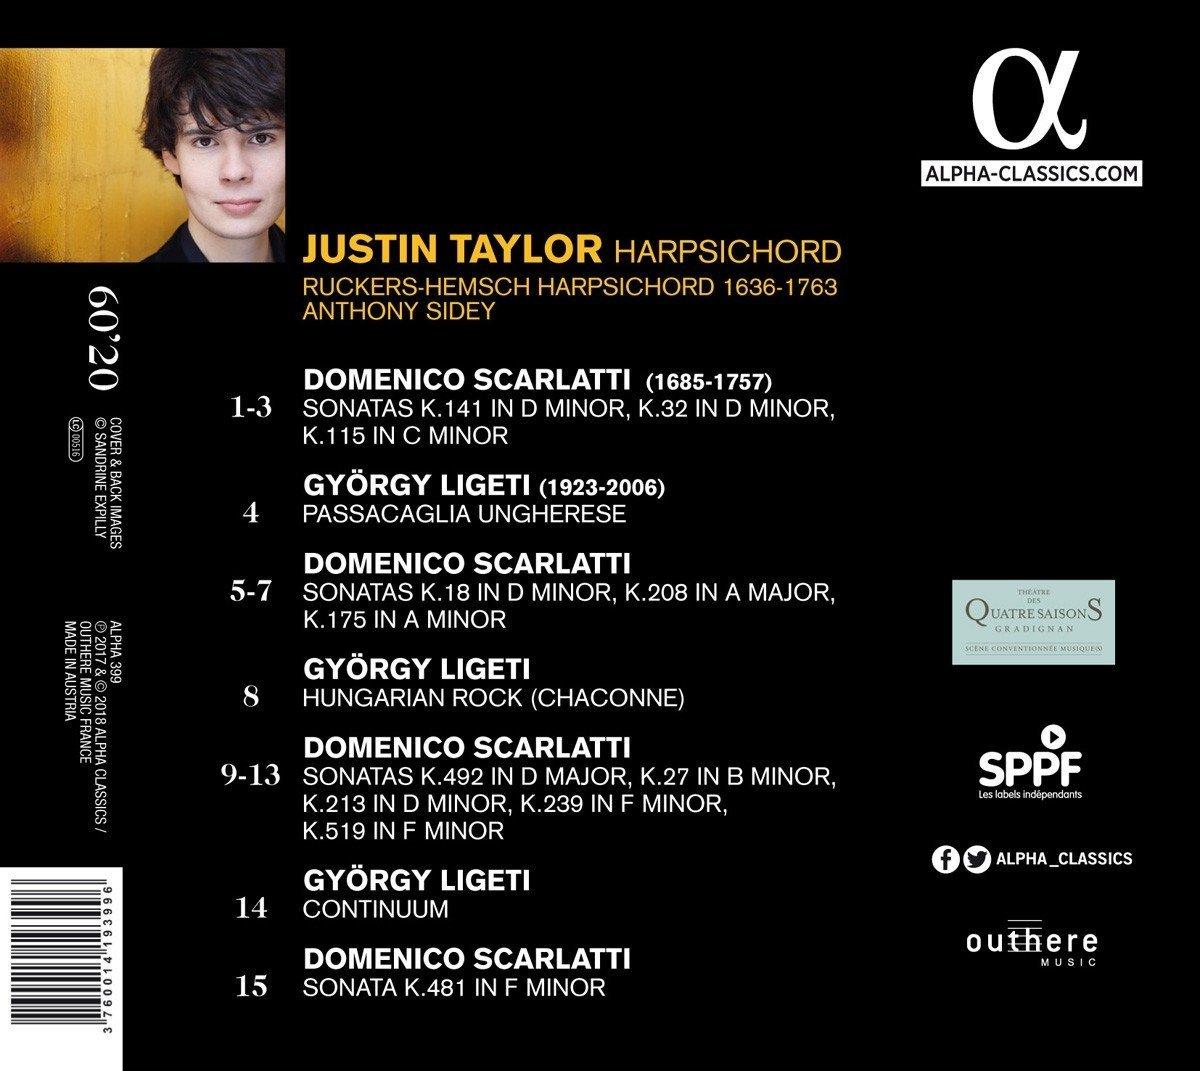 Domenico Scarlatti: discographie sélective - Page 5 71w25r10